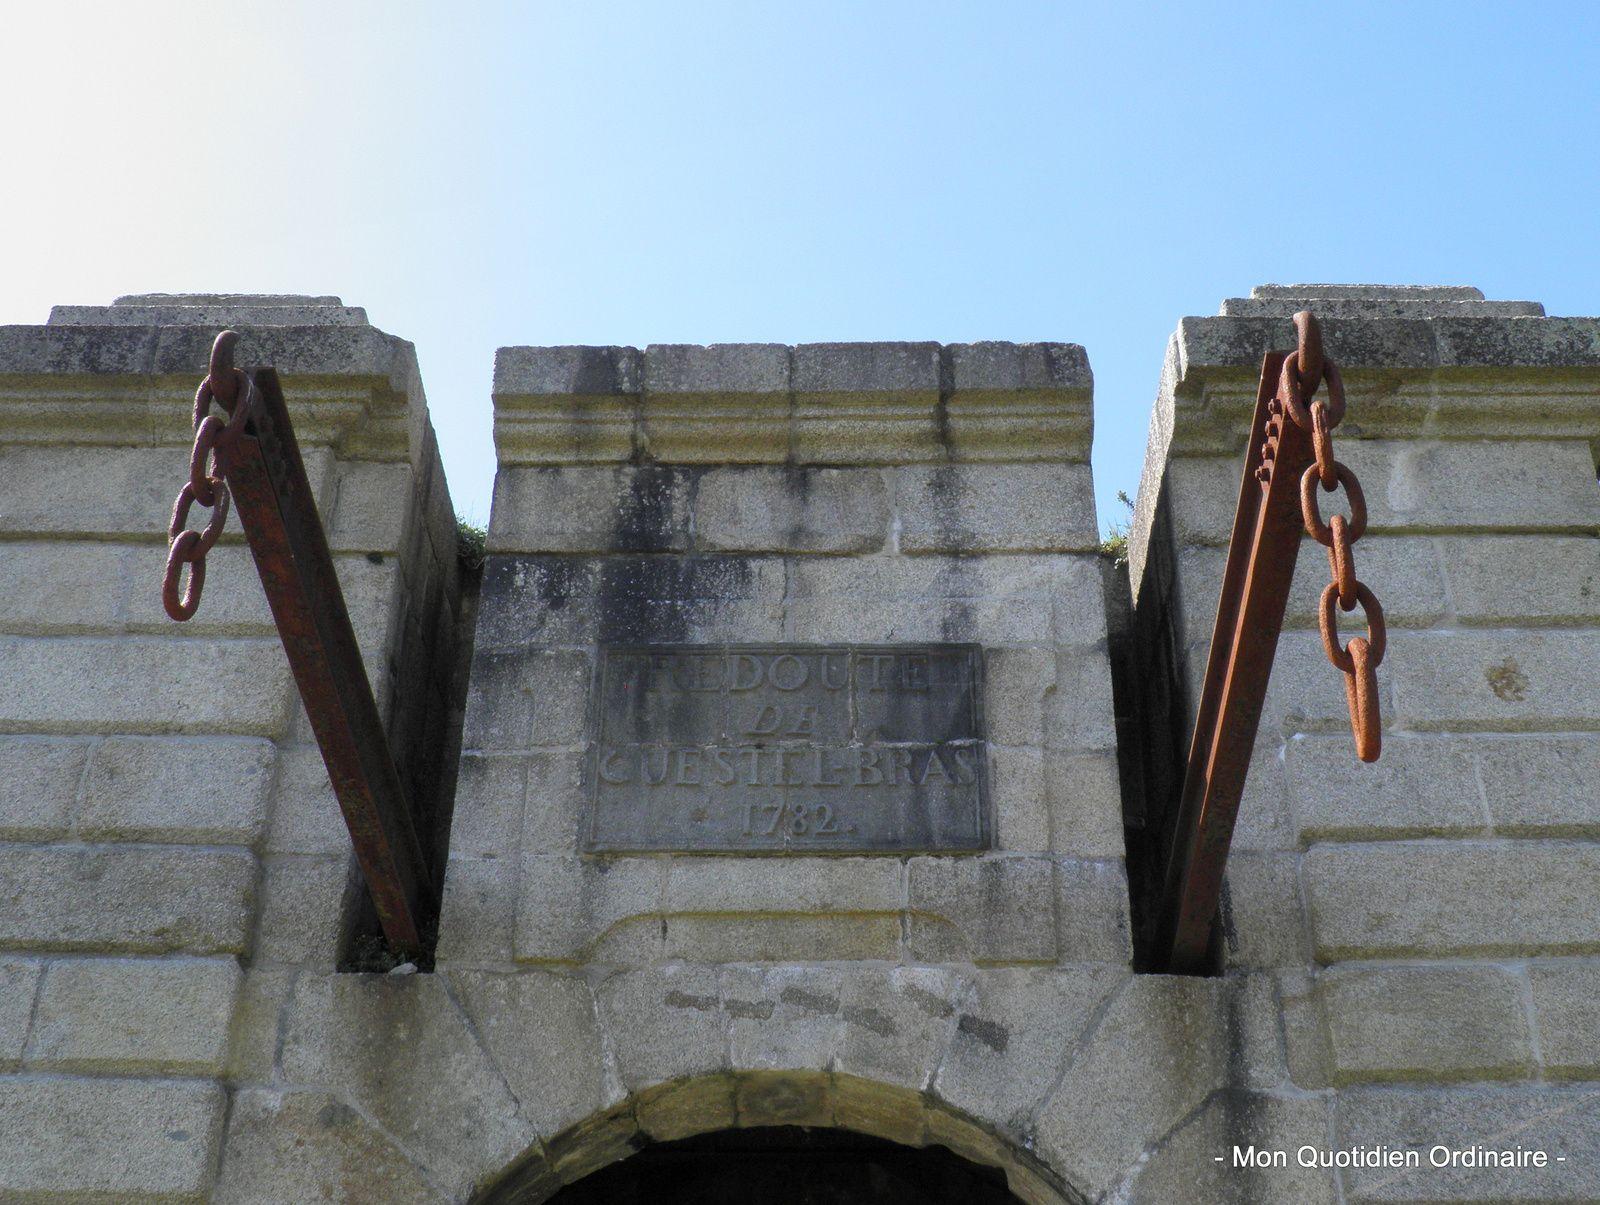 Le Fort du Questel à Brest